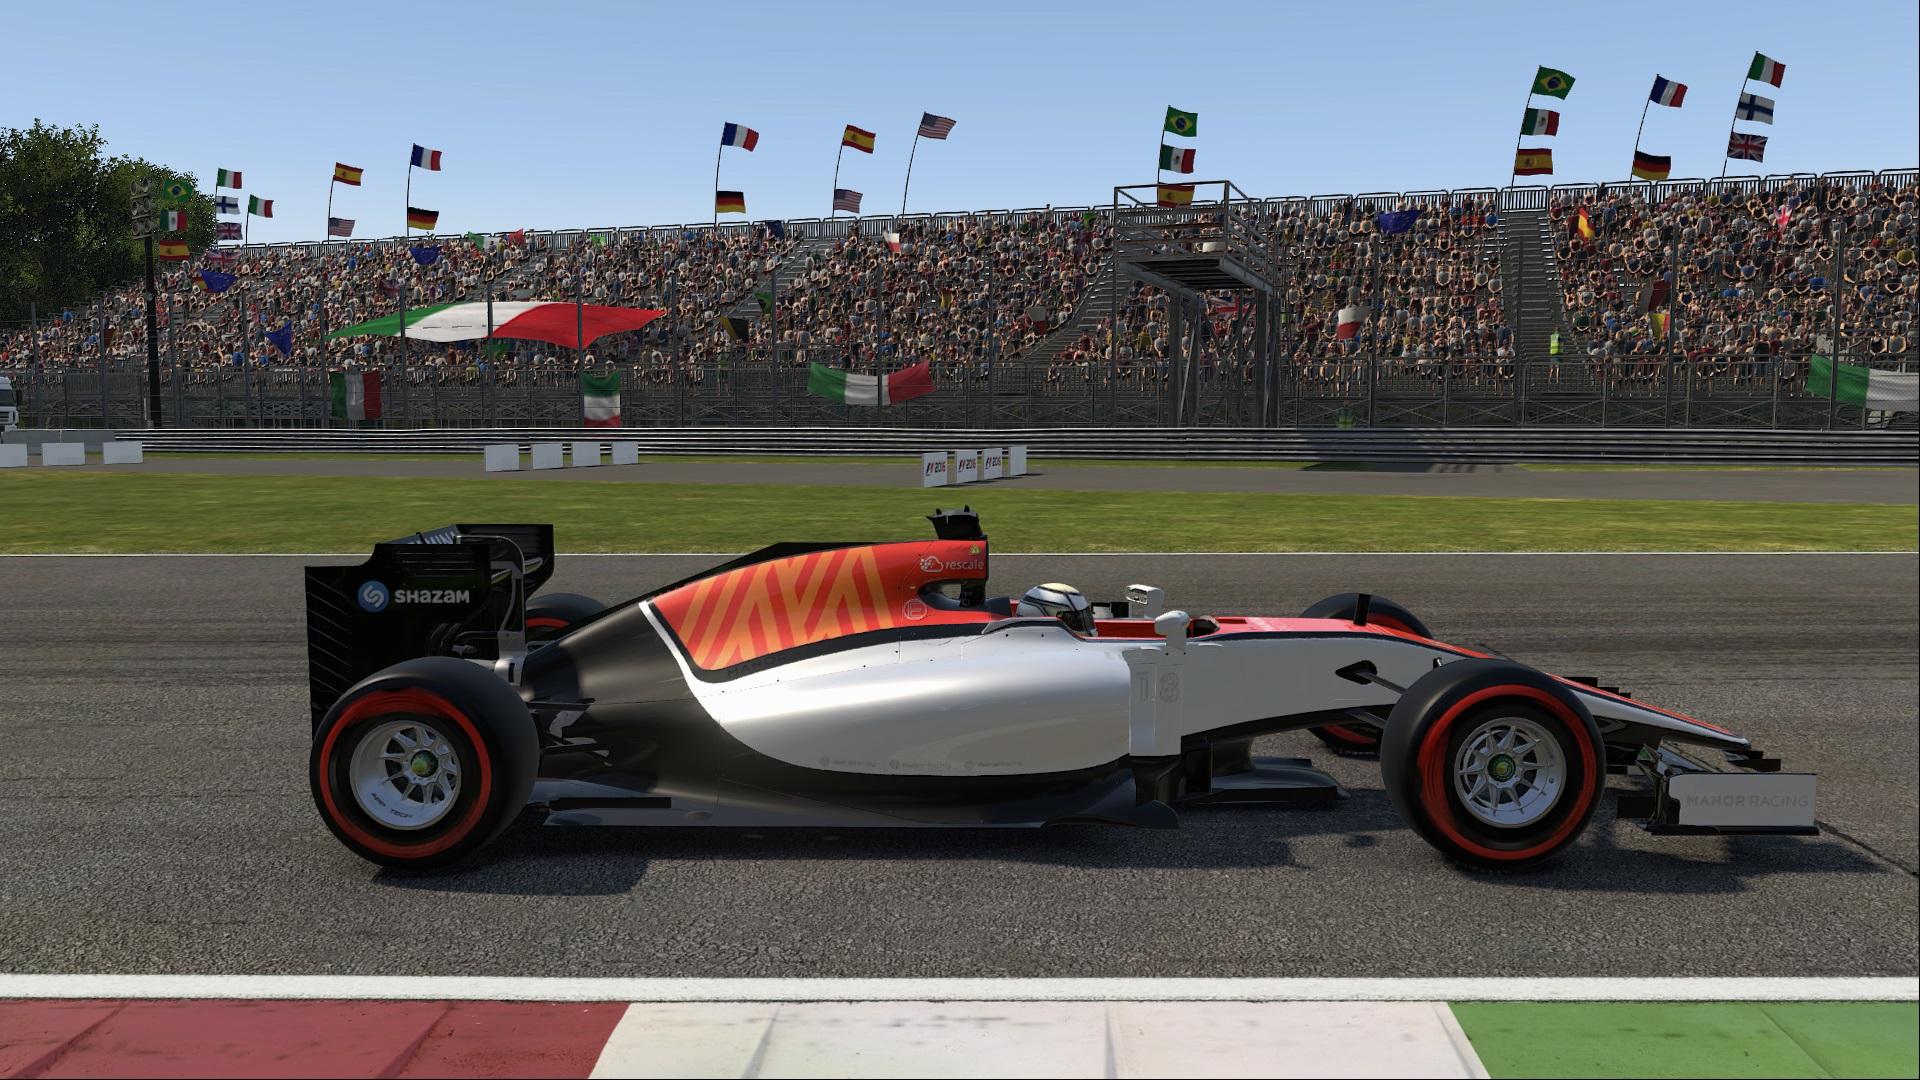 F1_2016 2016-09-09 16-37-29-96.jpg